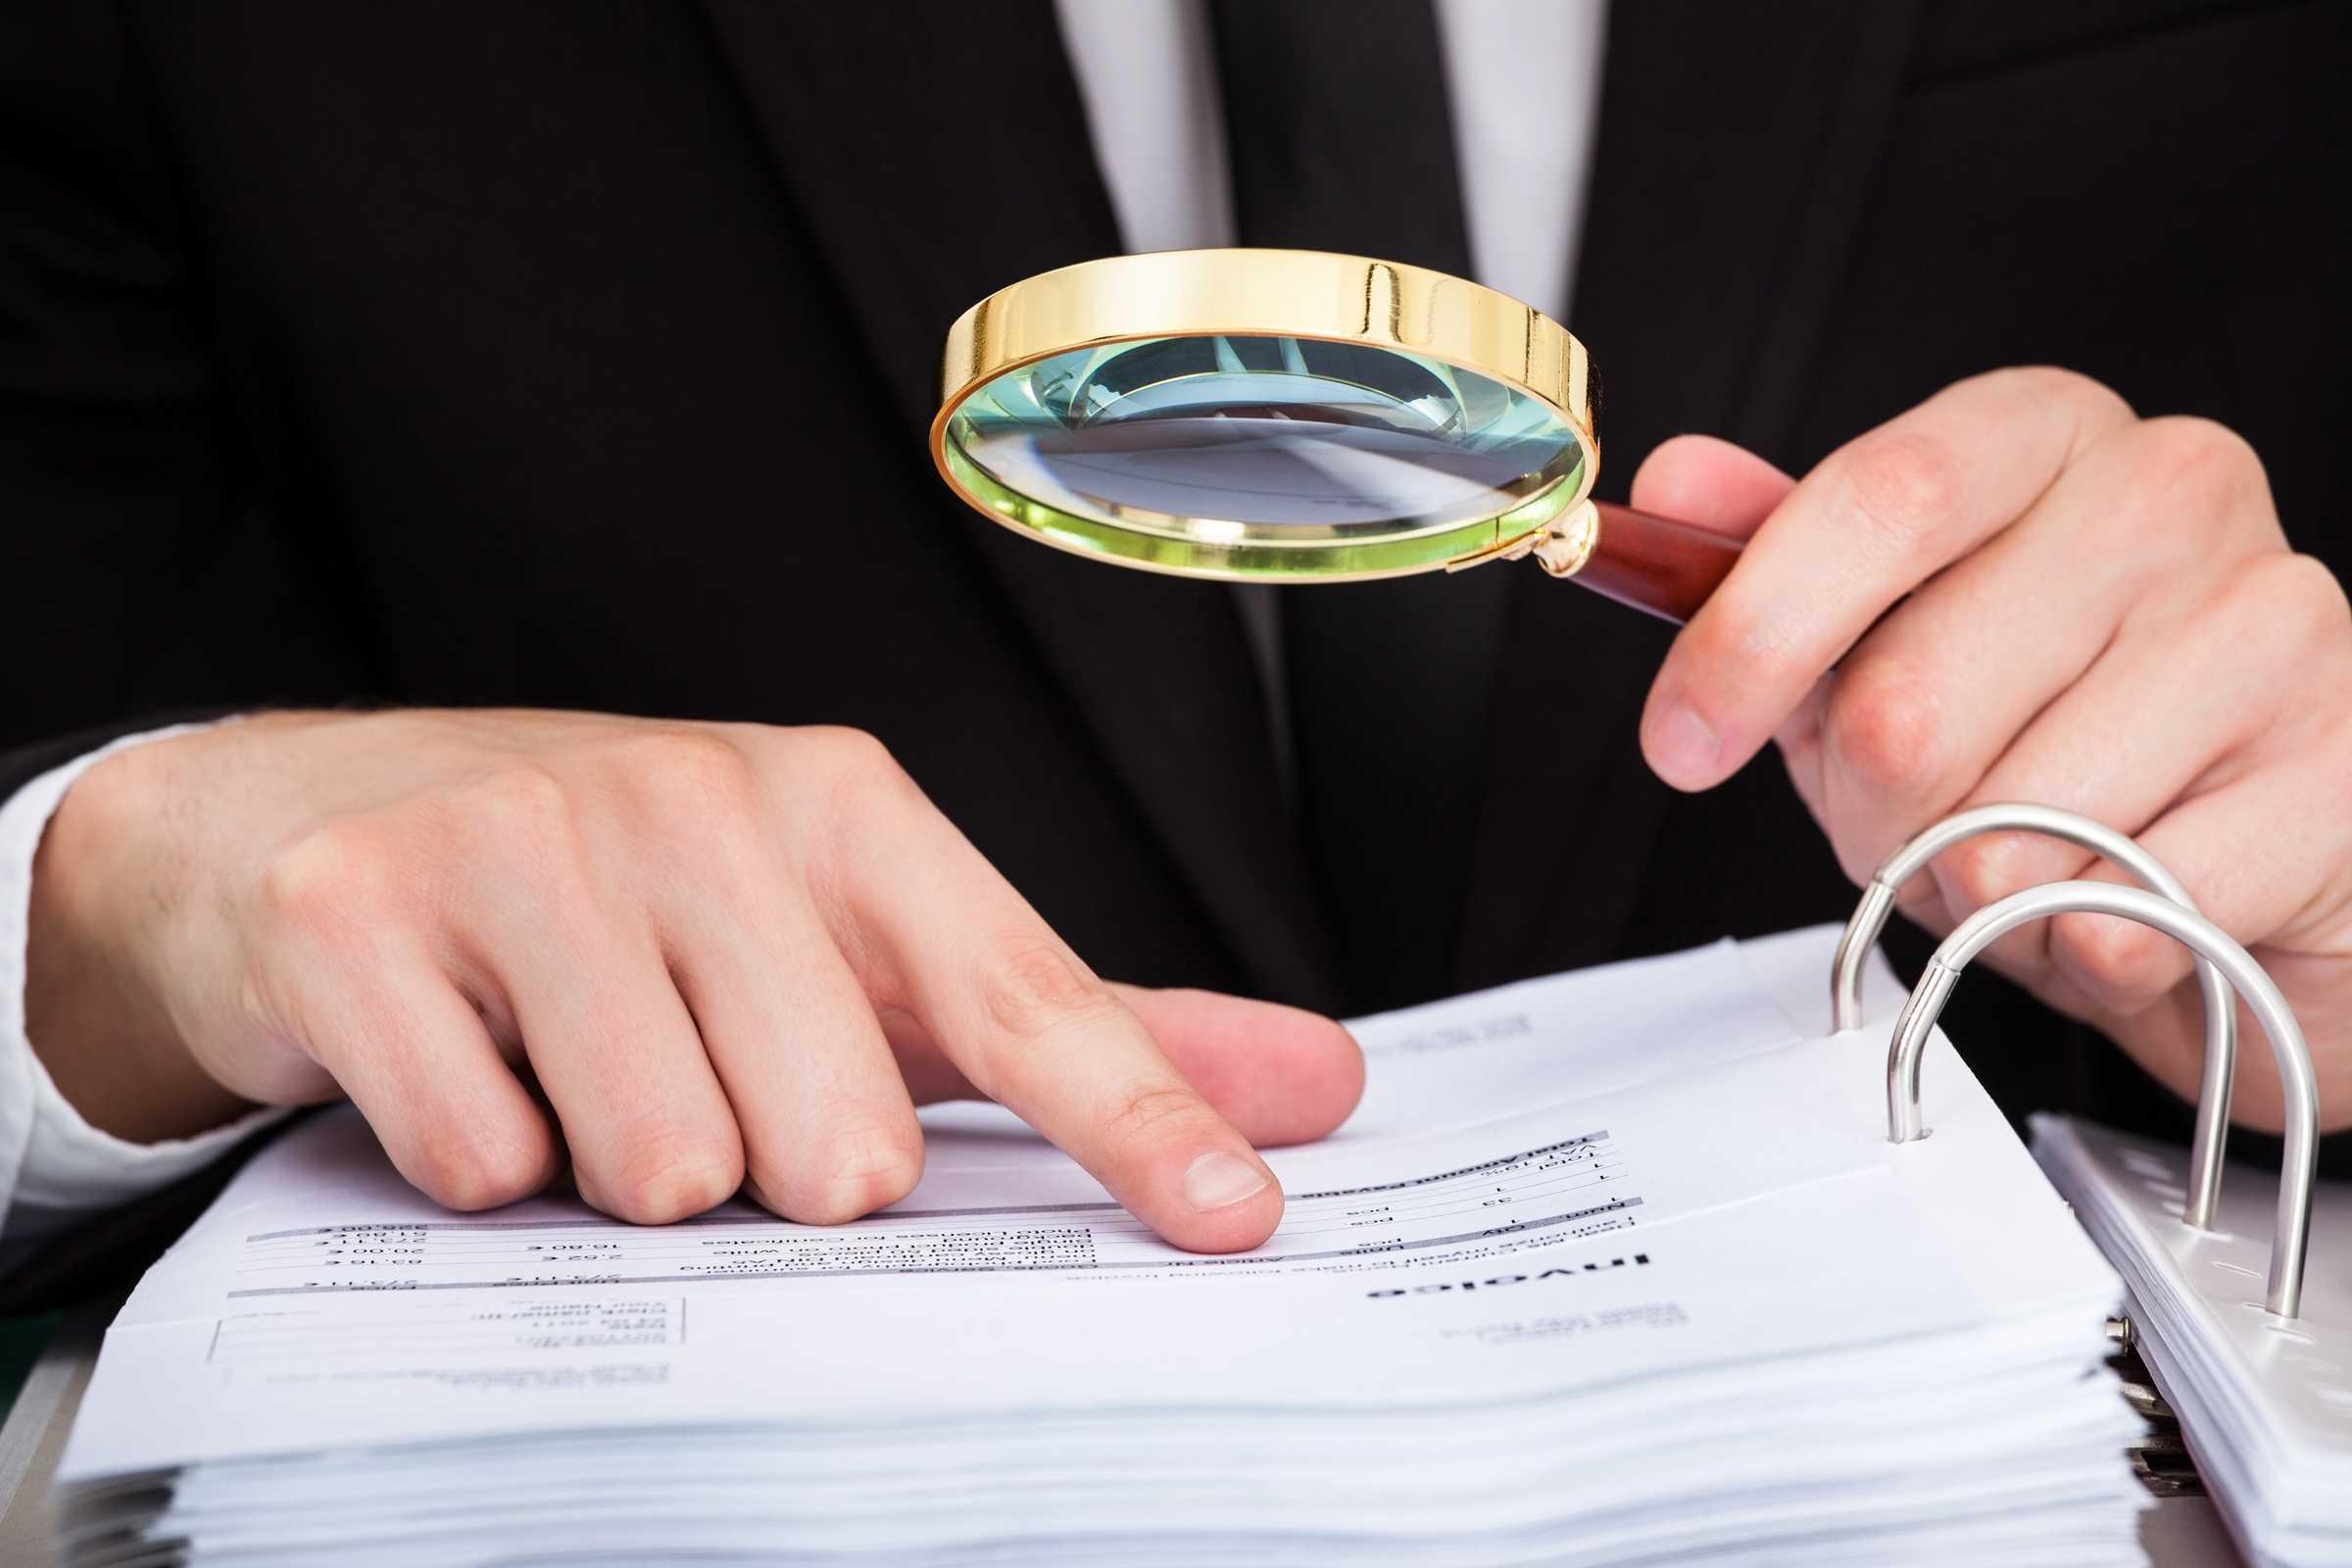 Trenger du fri rettshjelp til å løse et juridisk problem i, eller utenfor domstolene?